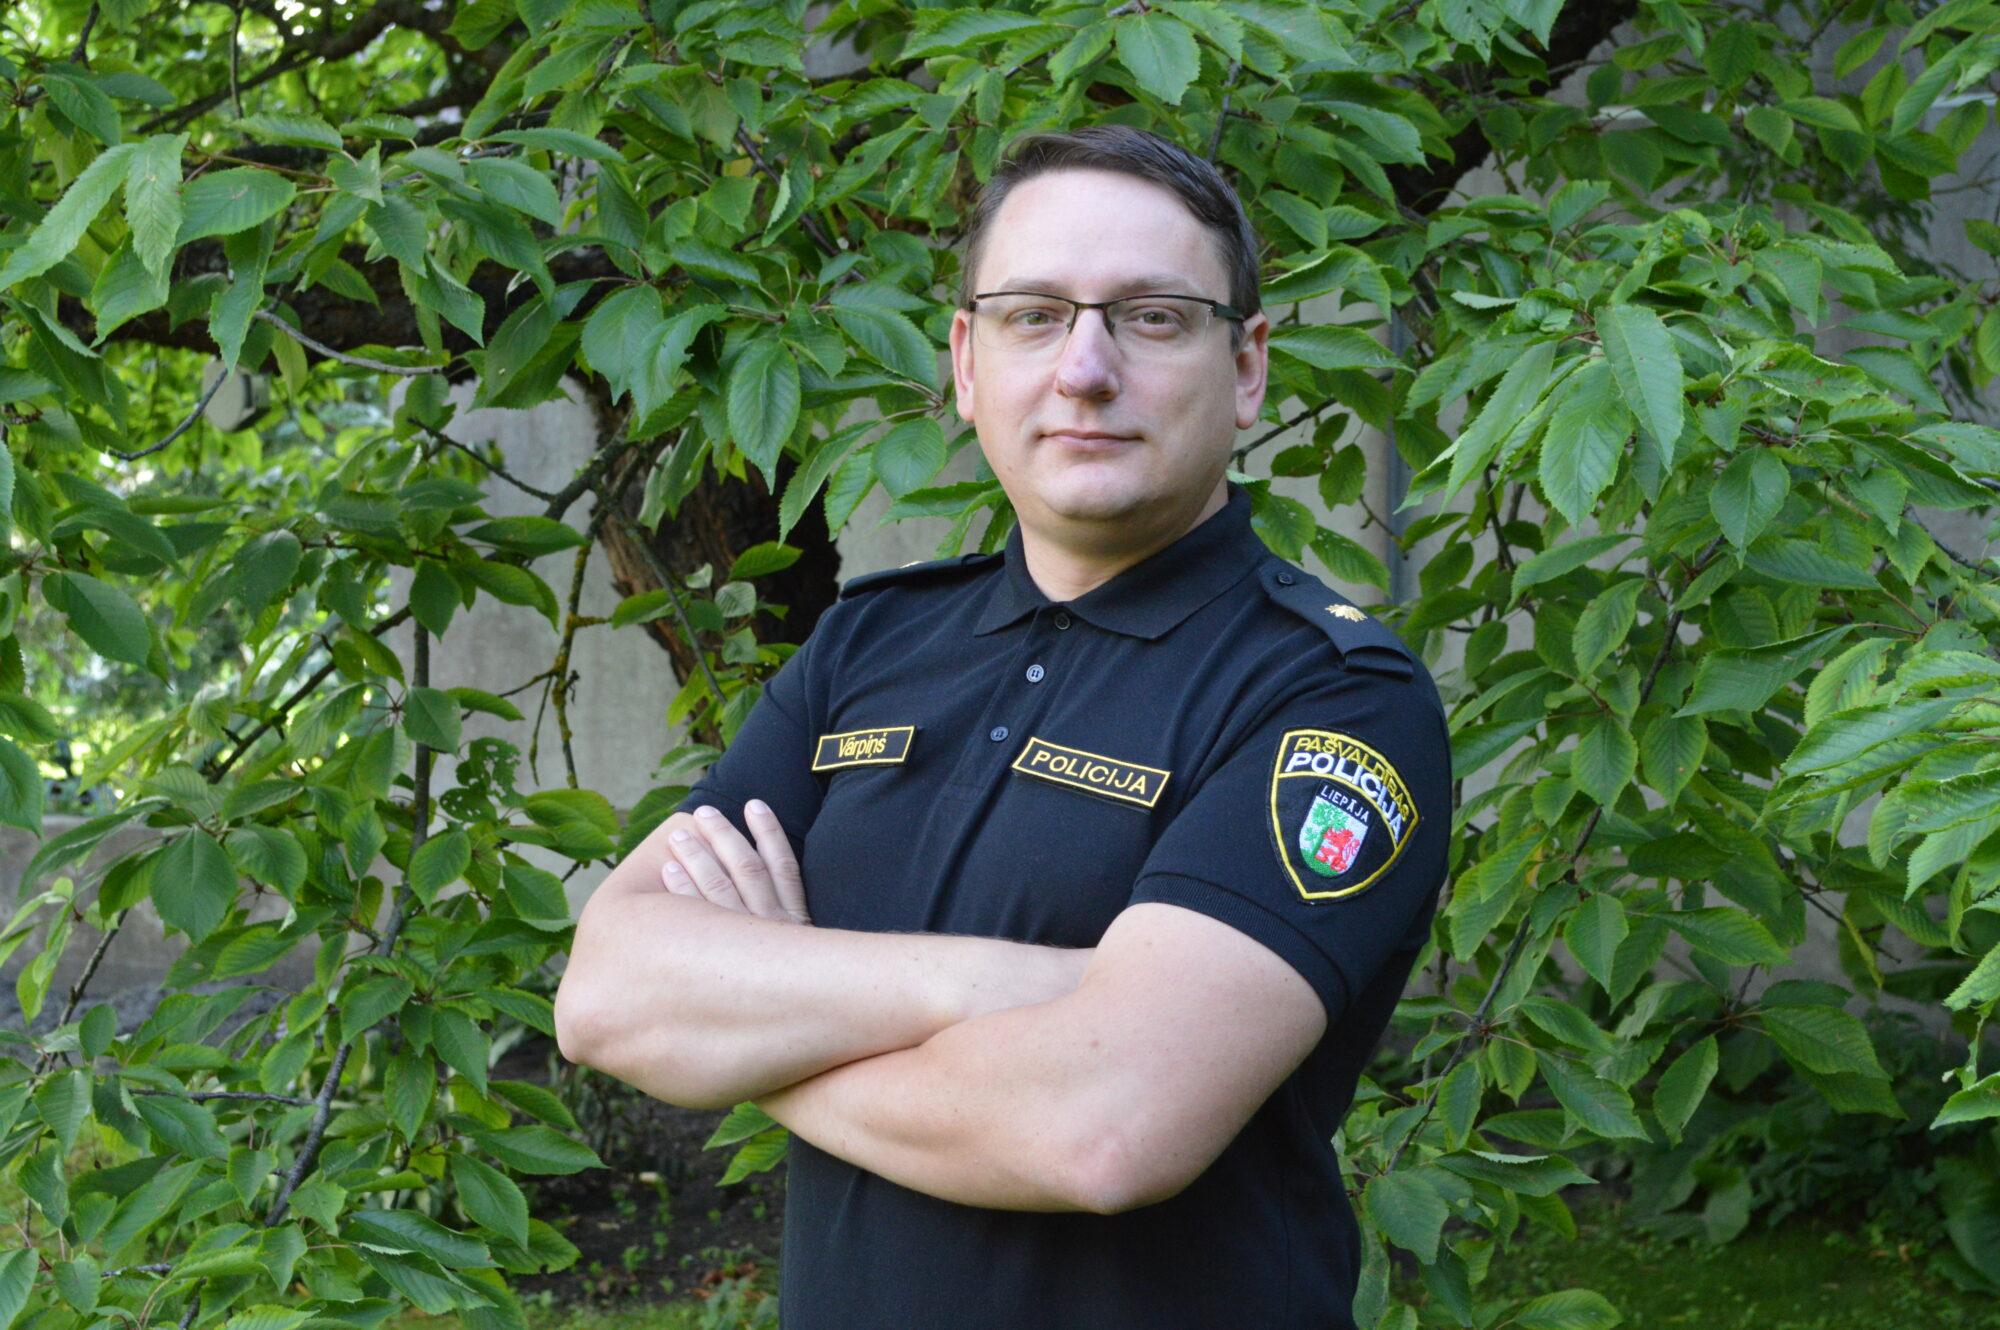 Каспар Варпиньш выдвинут на должность заместителя начальника полиции самоуправления